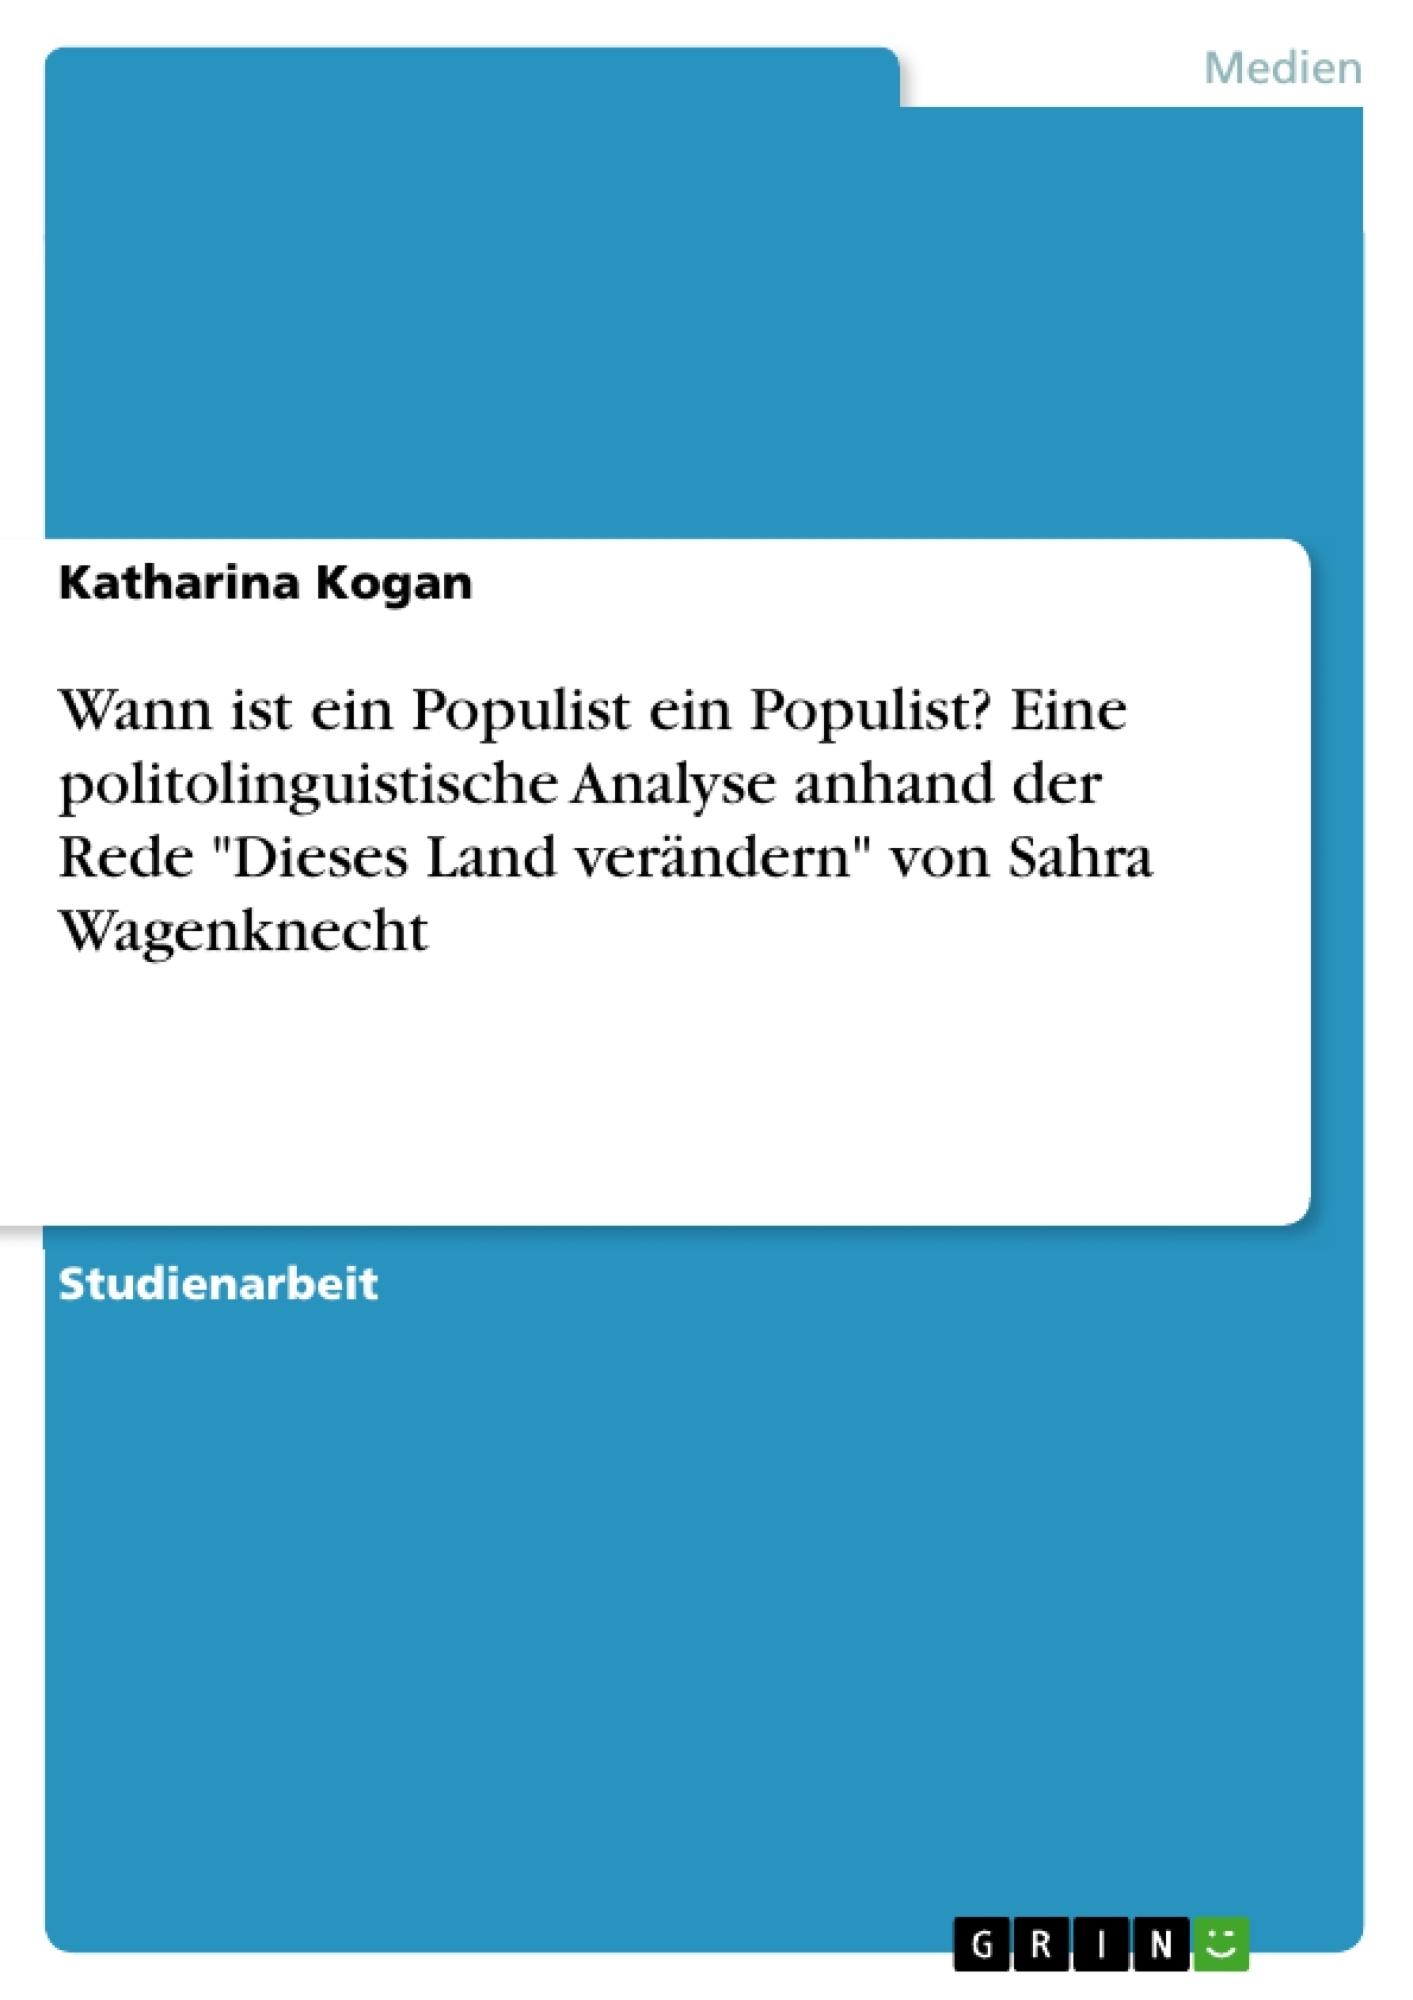 """Titel: Wann ist ein Populist ein Populist? Eine politolinguistische Analyse anhand der Rede """"Dieses Land verändern"""" von Sahra Wagenknecht"""